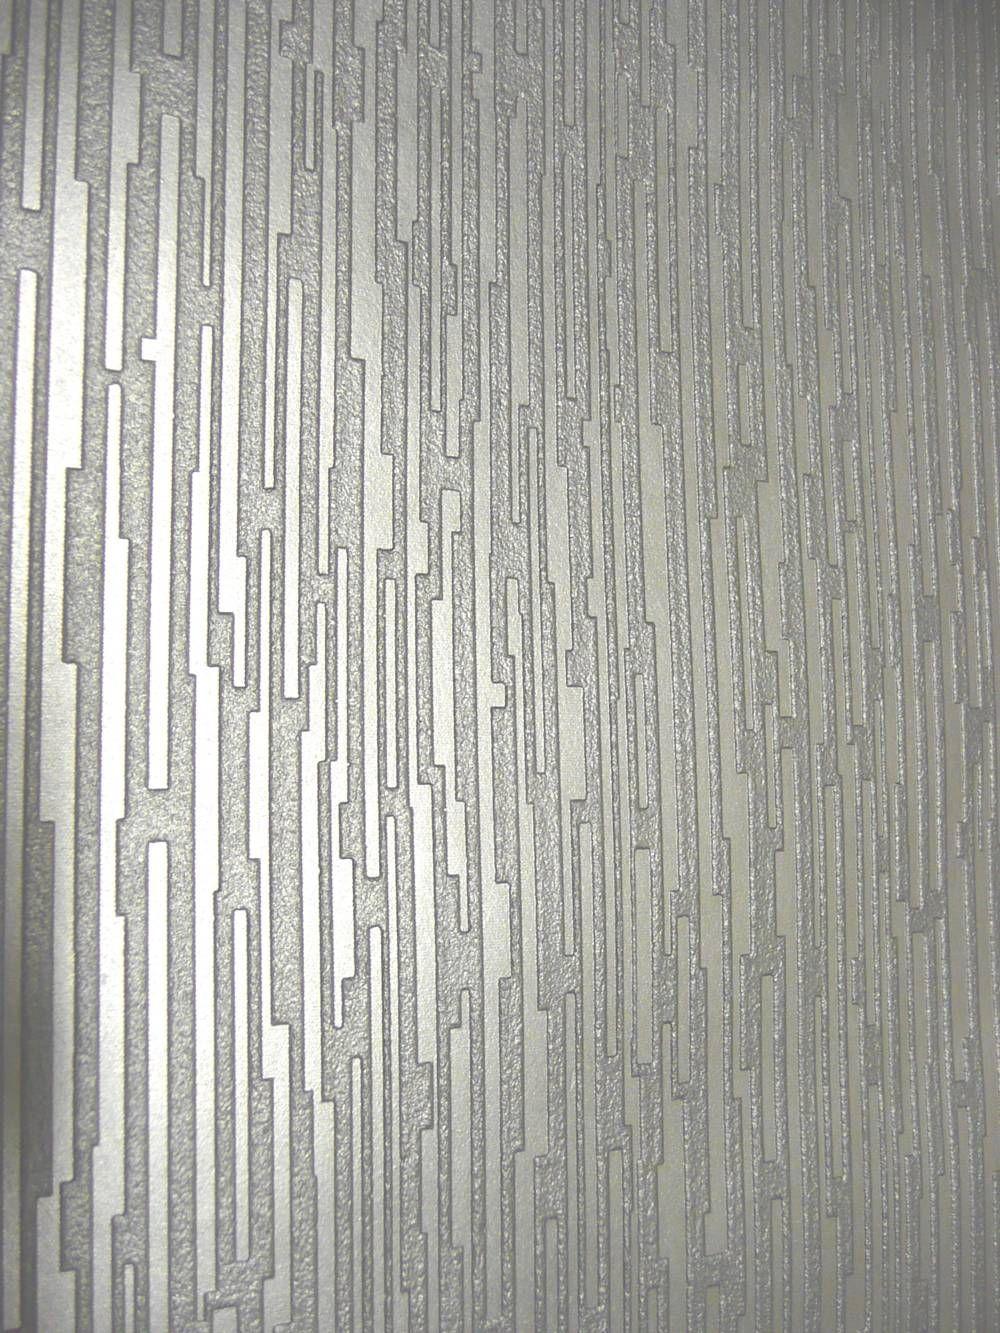 Silver Textured Wallpaper … | Walls | Pinterest | Wallpaper, Textured wallpaper and Textured walls